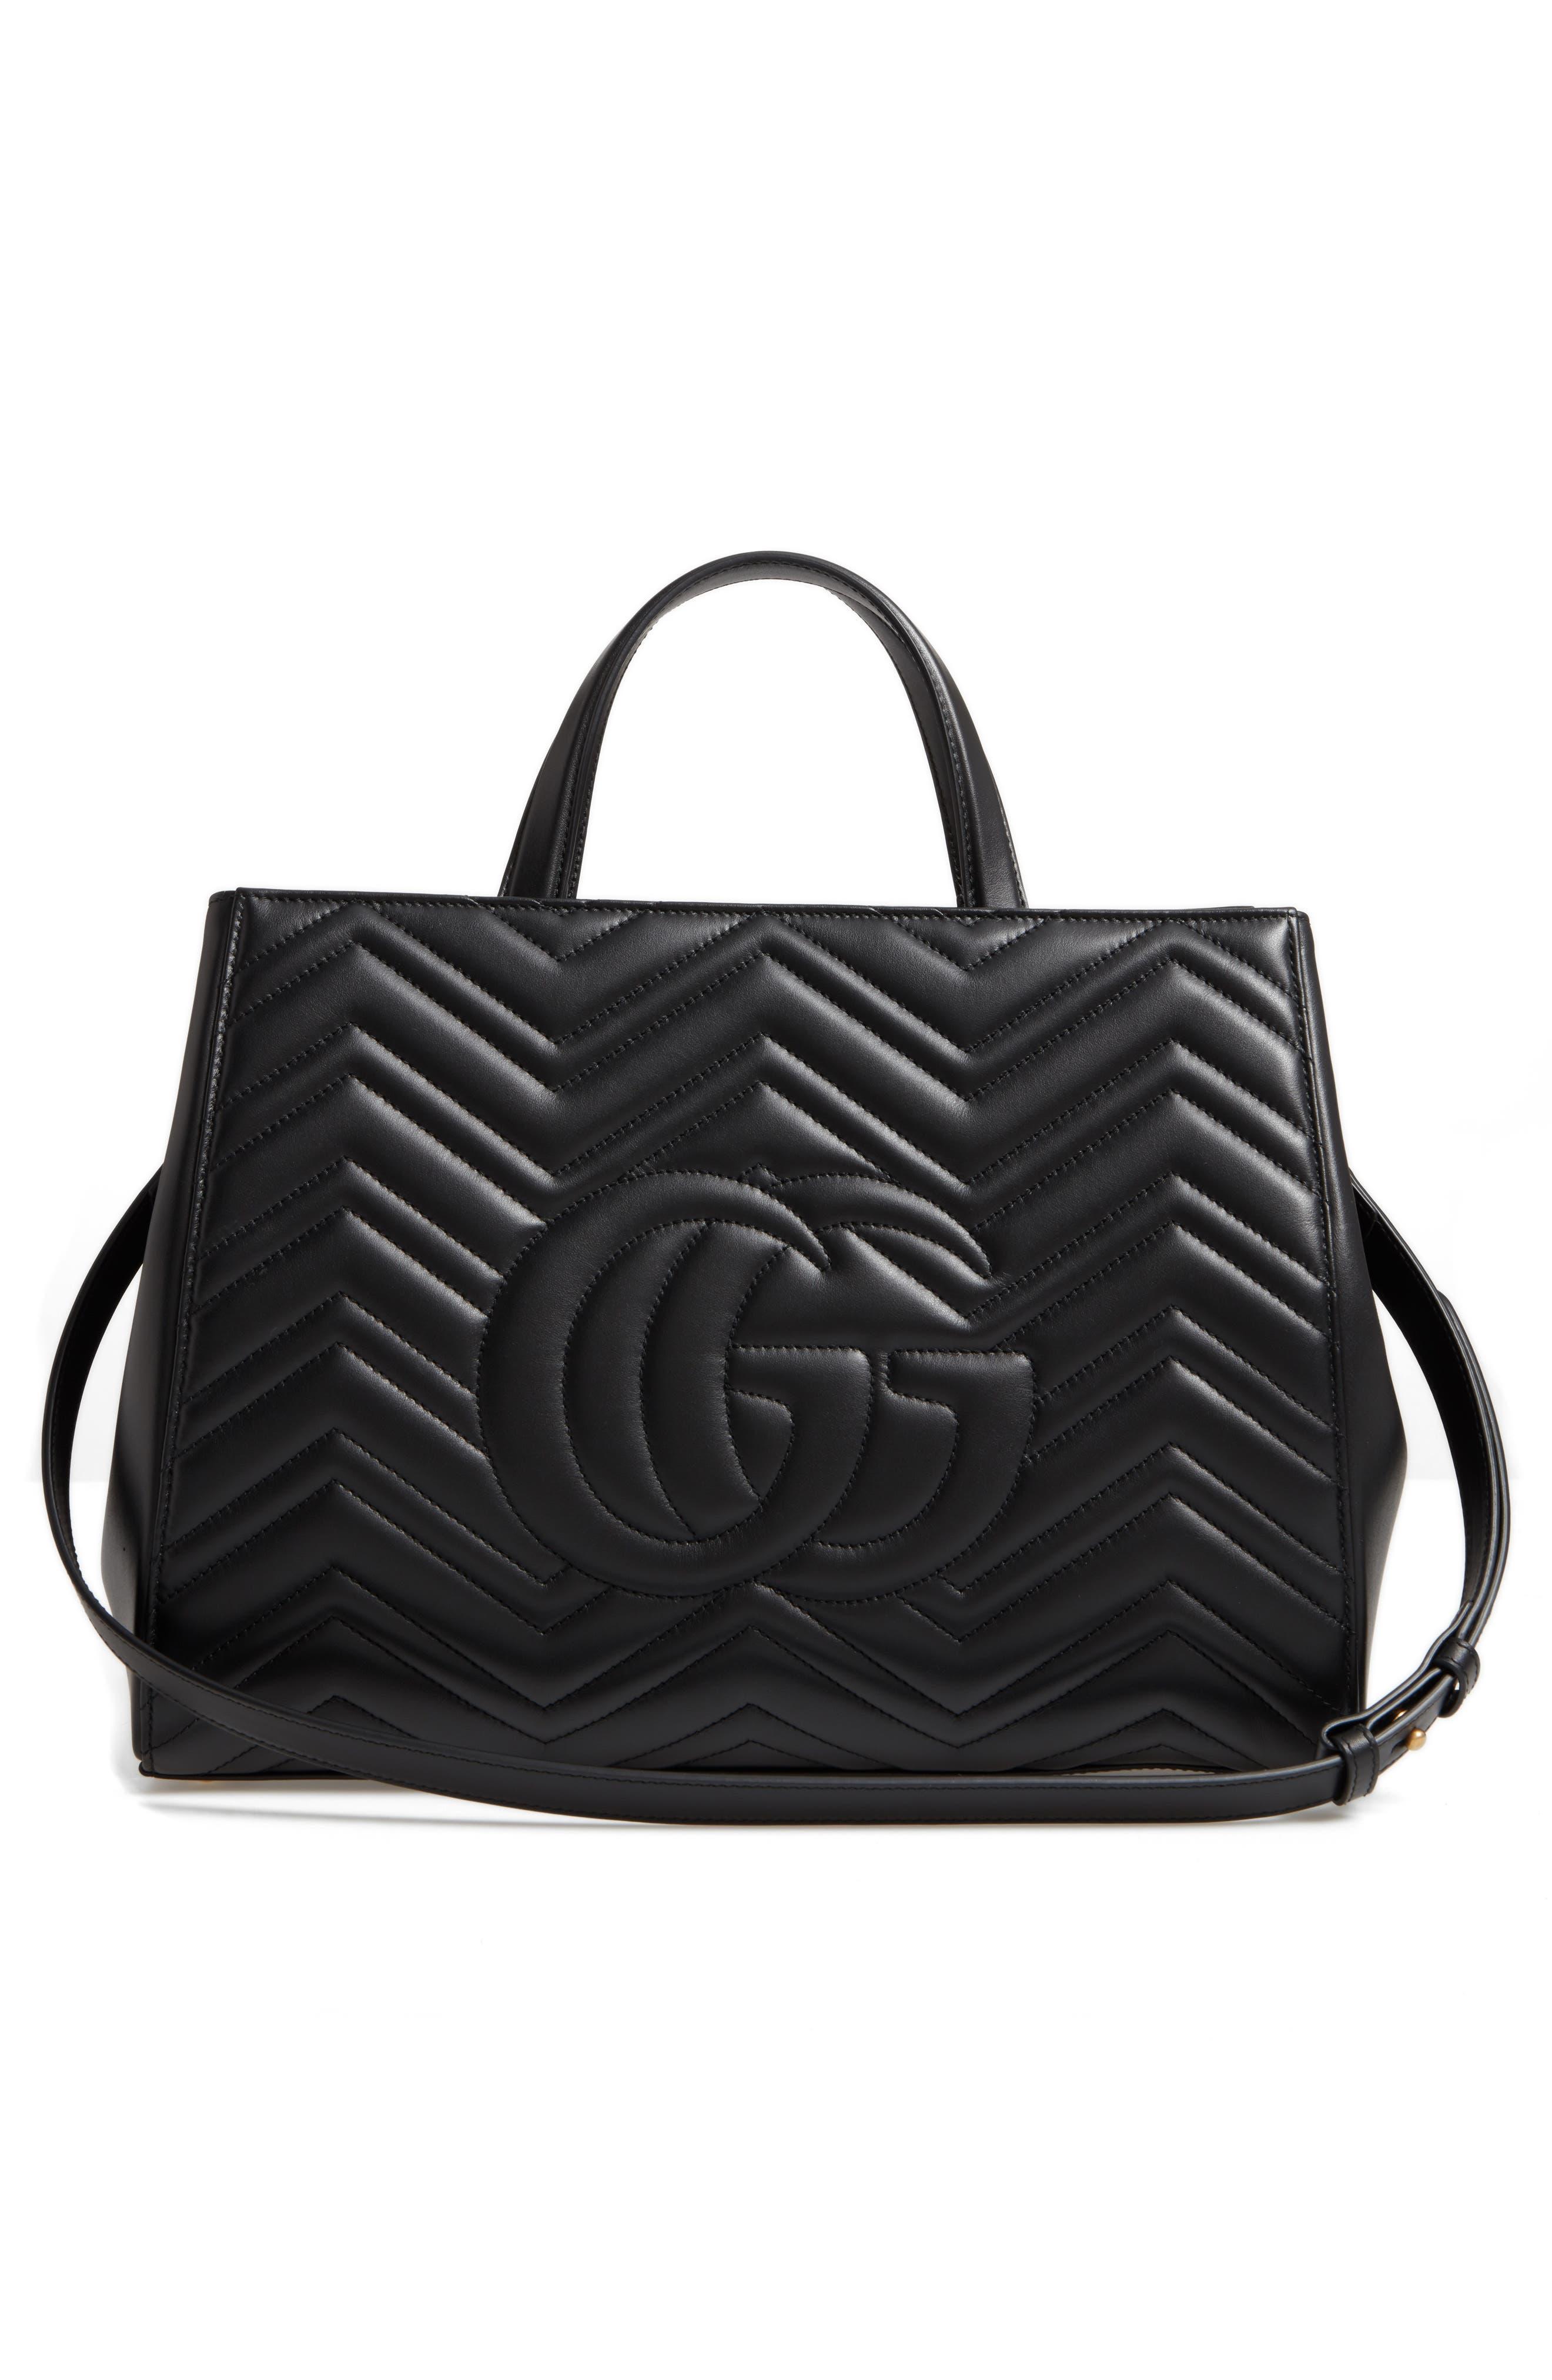 GG Marmont Medium Matelassé Leather Top Handle Shoulder Bag,                             Alternate thumbnail 3, color,                             005